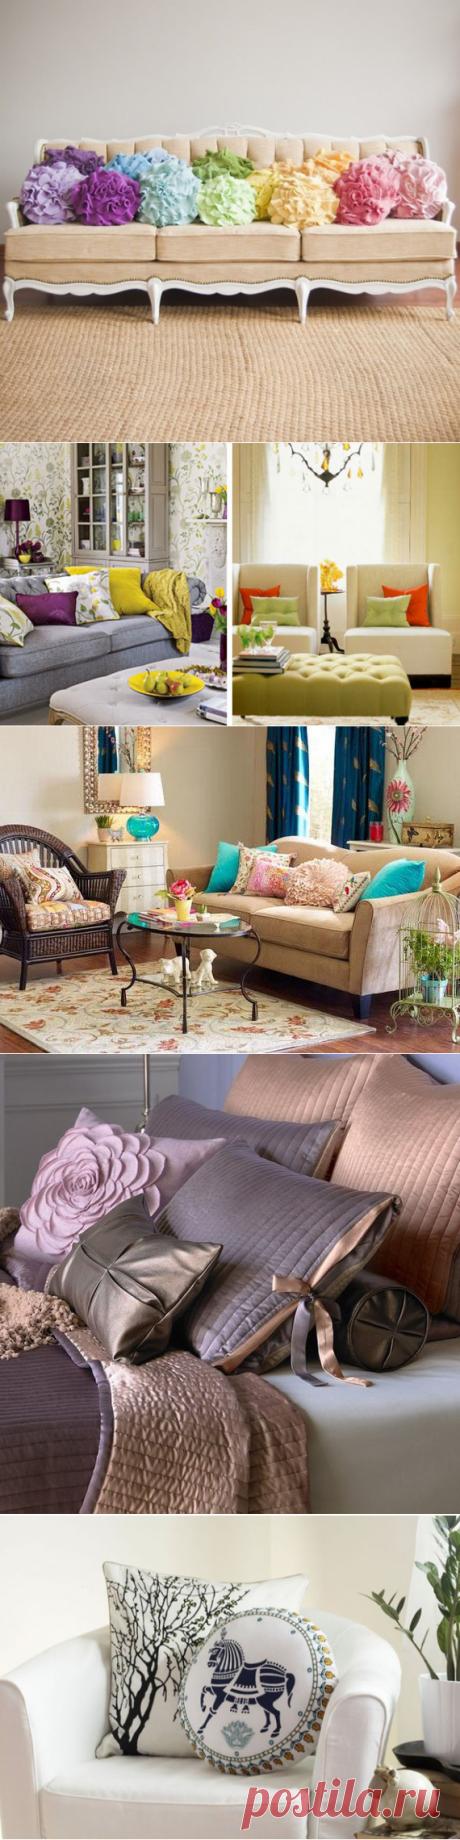 Применяем декоративные подушки в интерьере | Ремонт квартиры своими руками